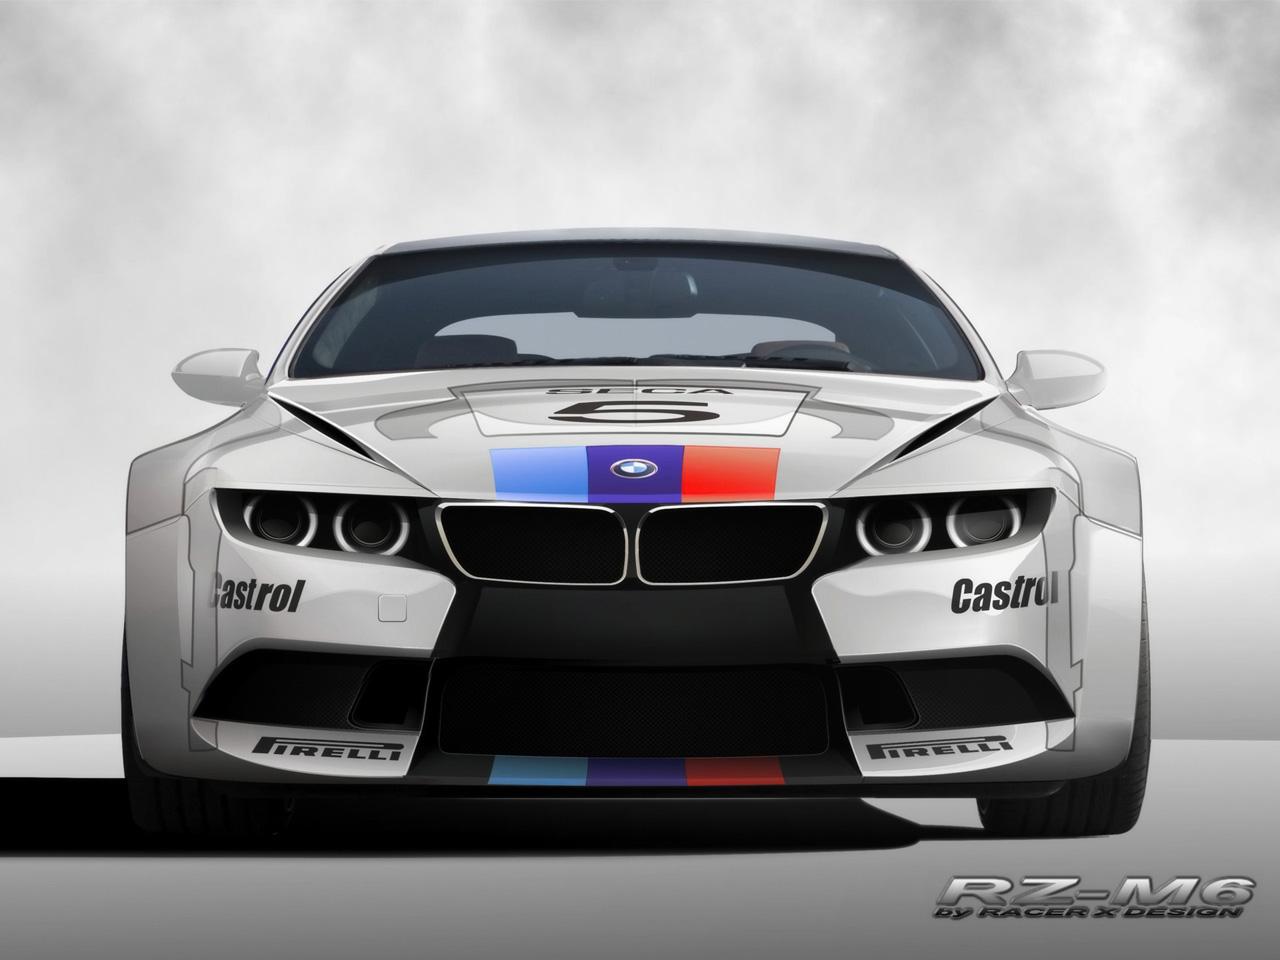 http://3.bp.blogspot.com/-bauZ7sMntcs/Tib50yek3sI/AAAAAAAAIGo/jtII67DyWJs/s1600/BMW+RZ-M6+by+Racer+X+Design+Wallpapers+5.jpg